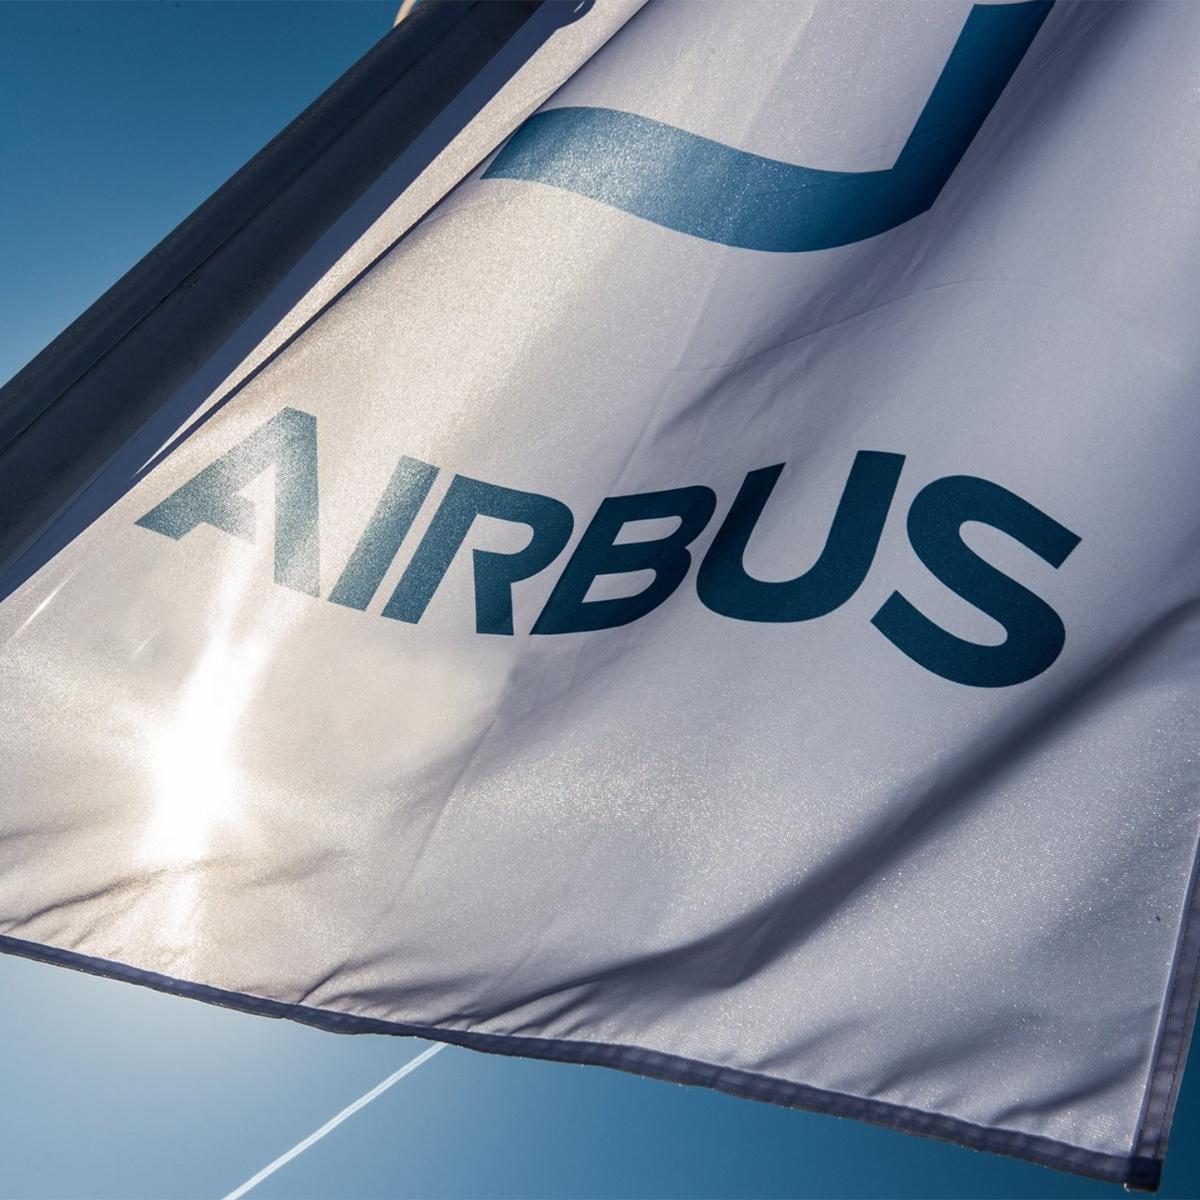 airbus-logo-1.jpg